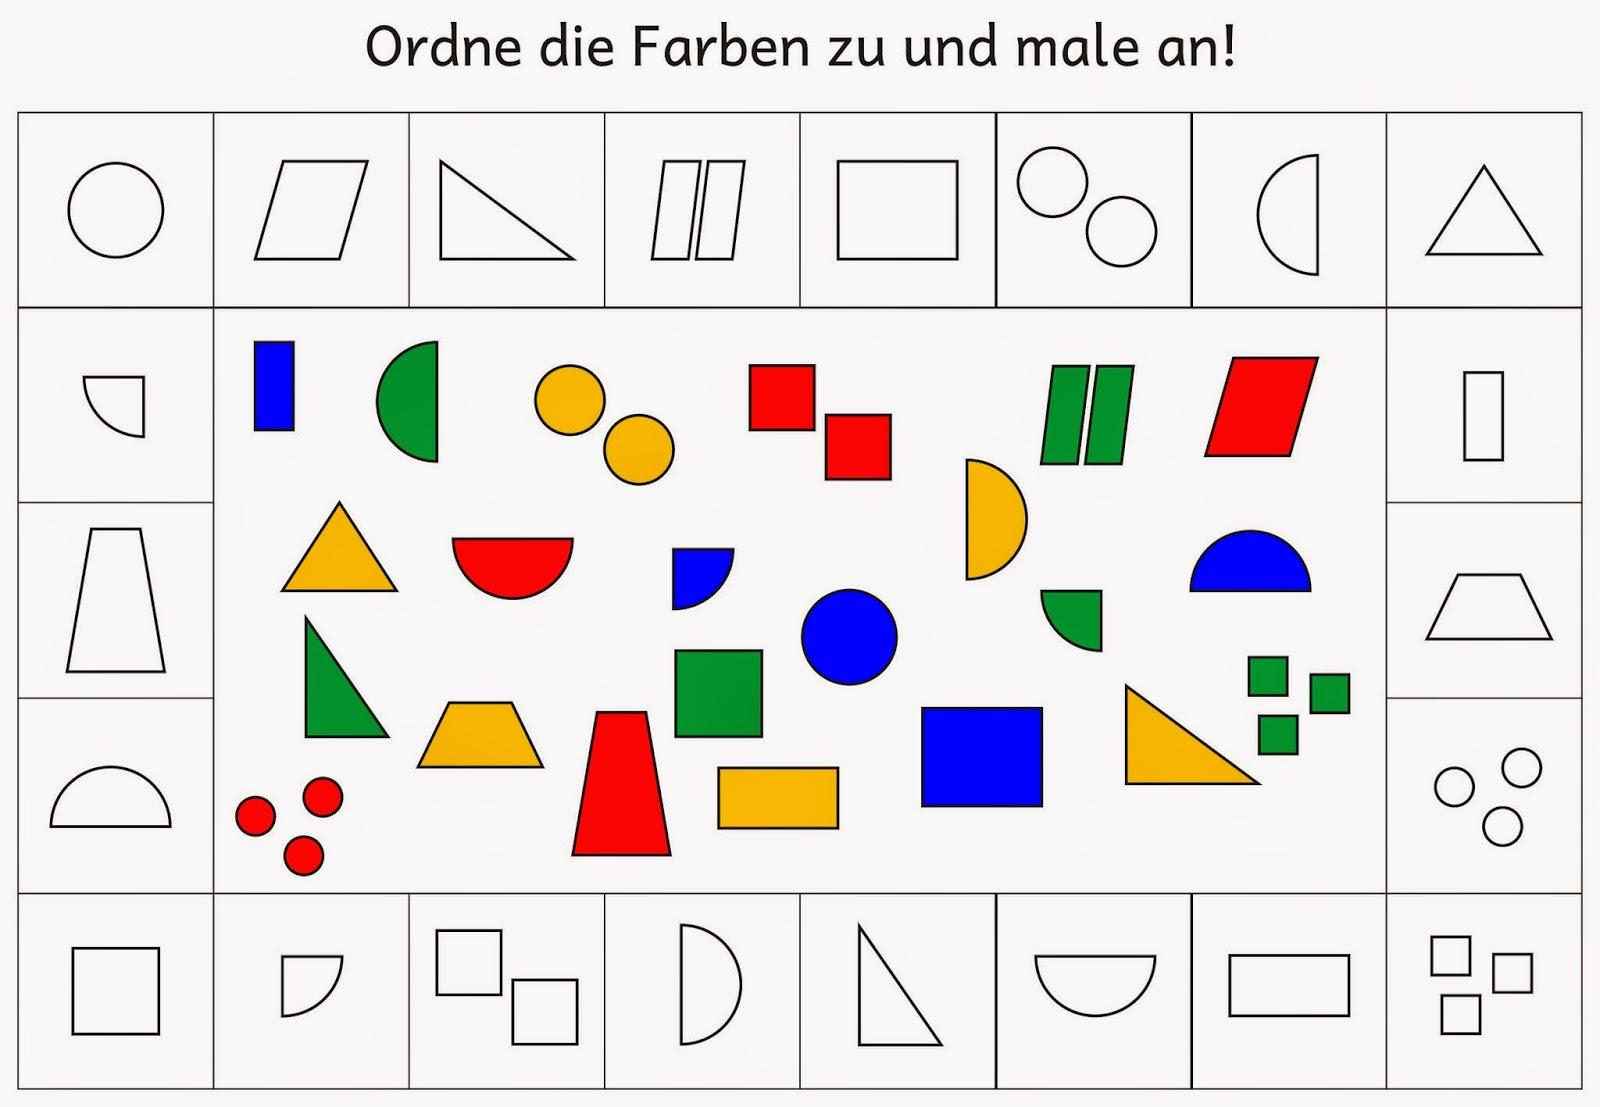 61 Geometrische Formen Arbeitsblatt Kindergarten ganzes Geometrische Formen Im Kindergarten